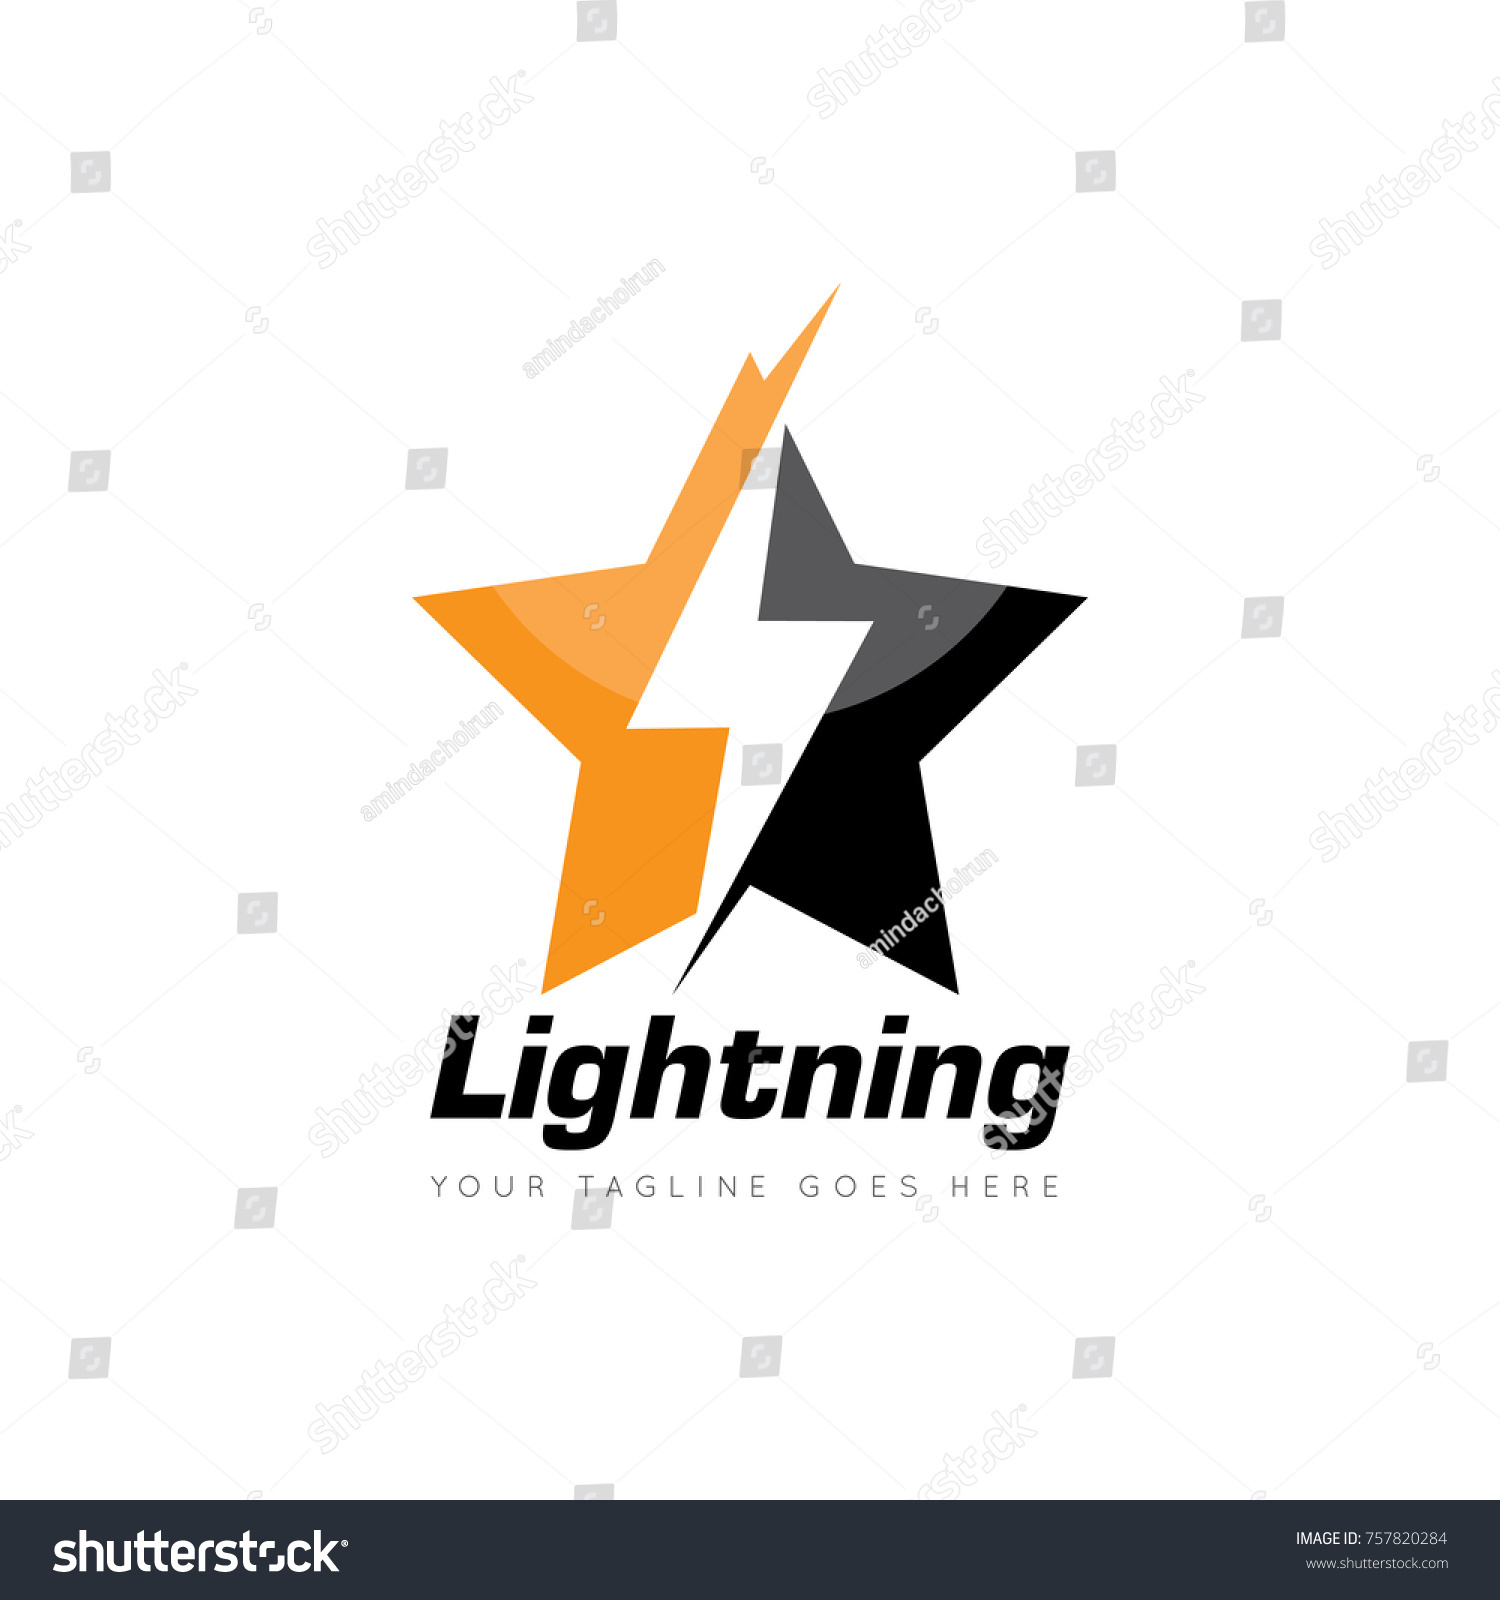 image.shutterstock.com/z/stock-vector-lightning-el...